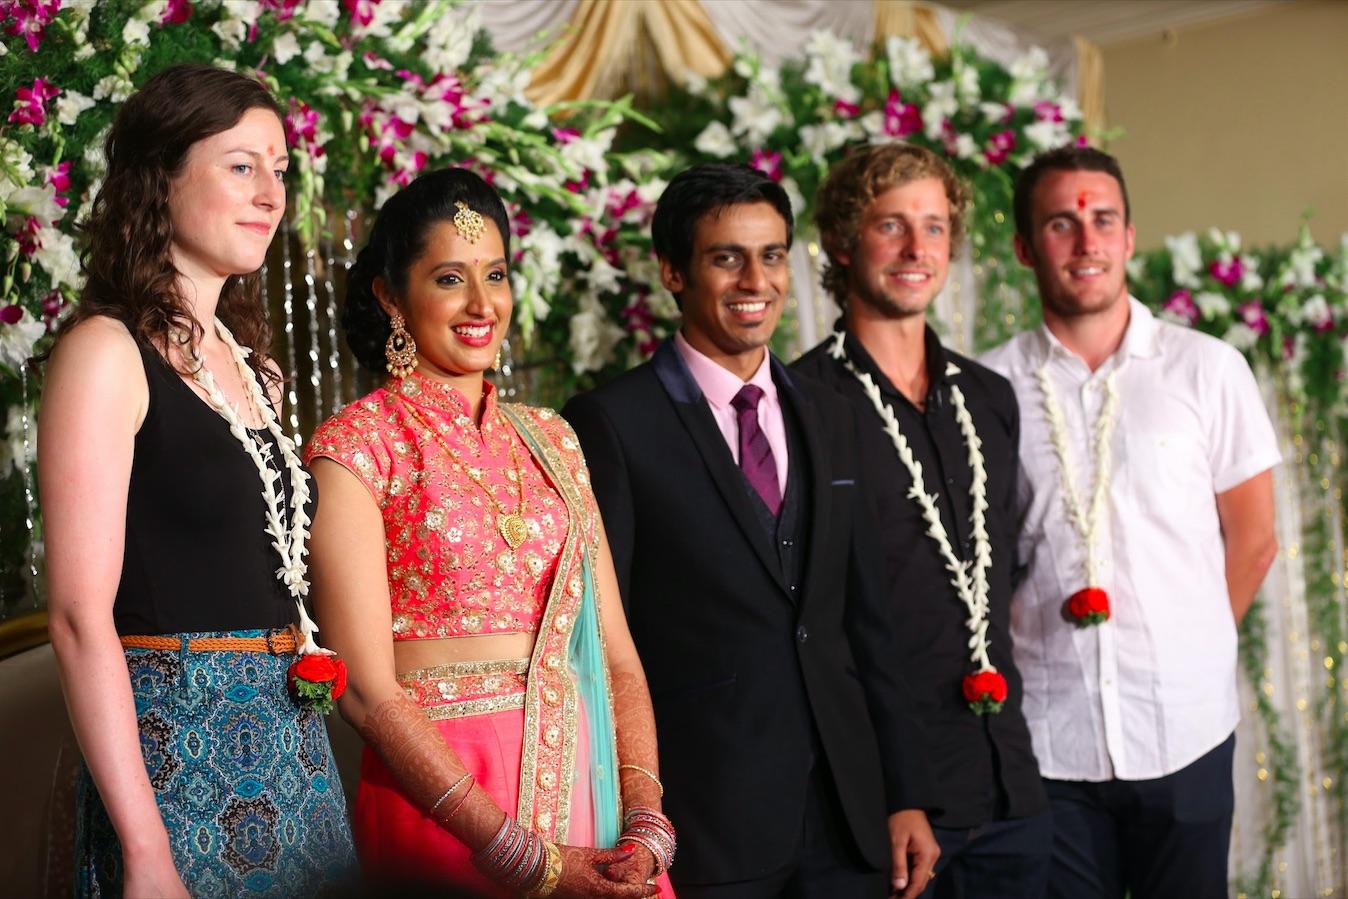 Tourists at a wedding (Tina Murton)